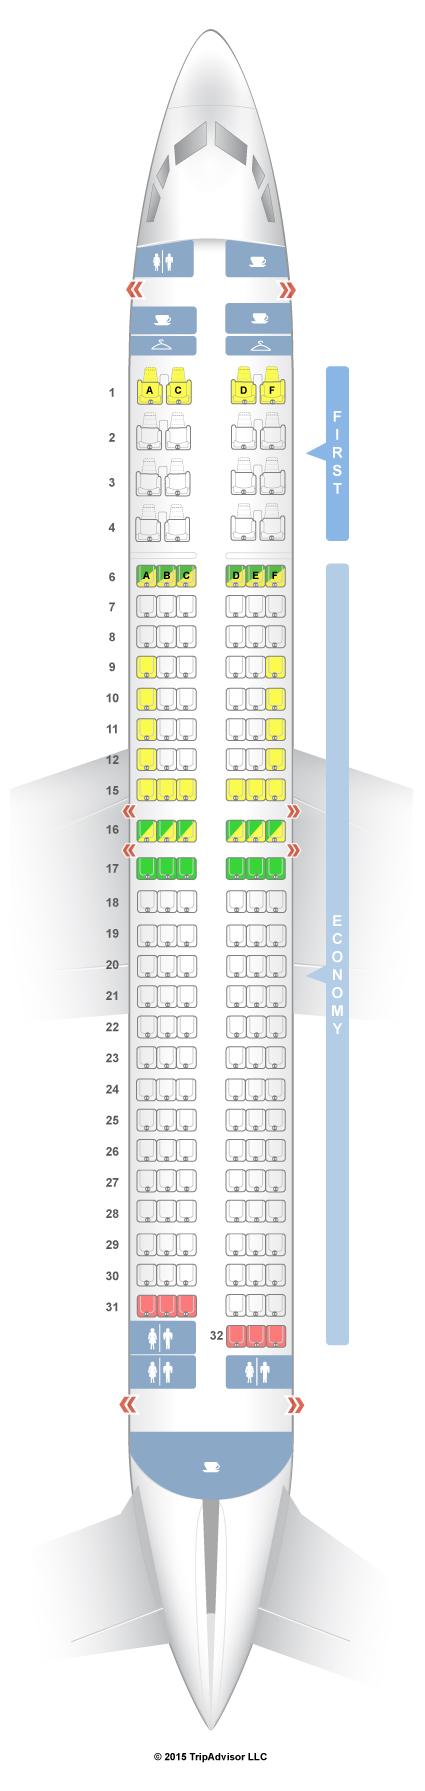 Seatguru seat map alaska airlines boeing slimline also rh pinterest